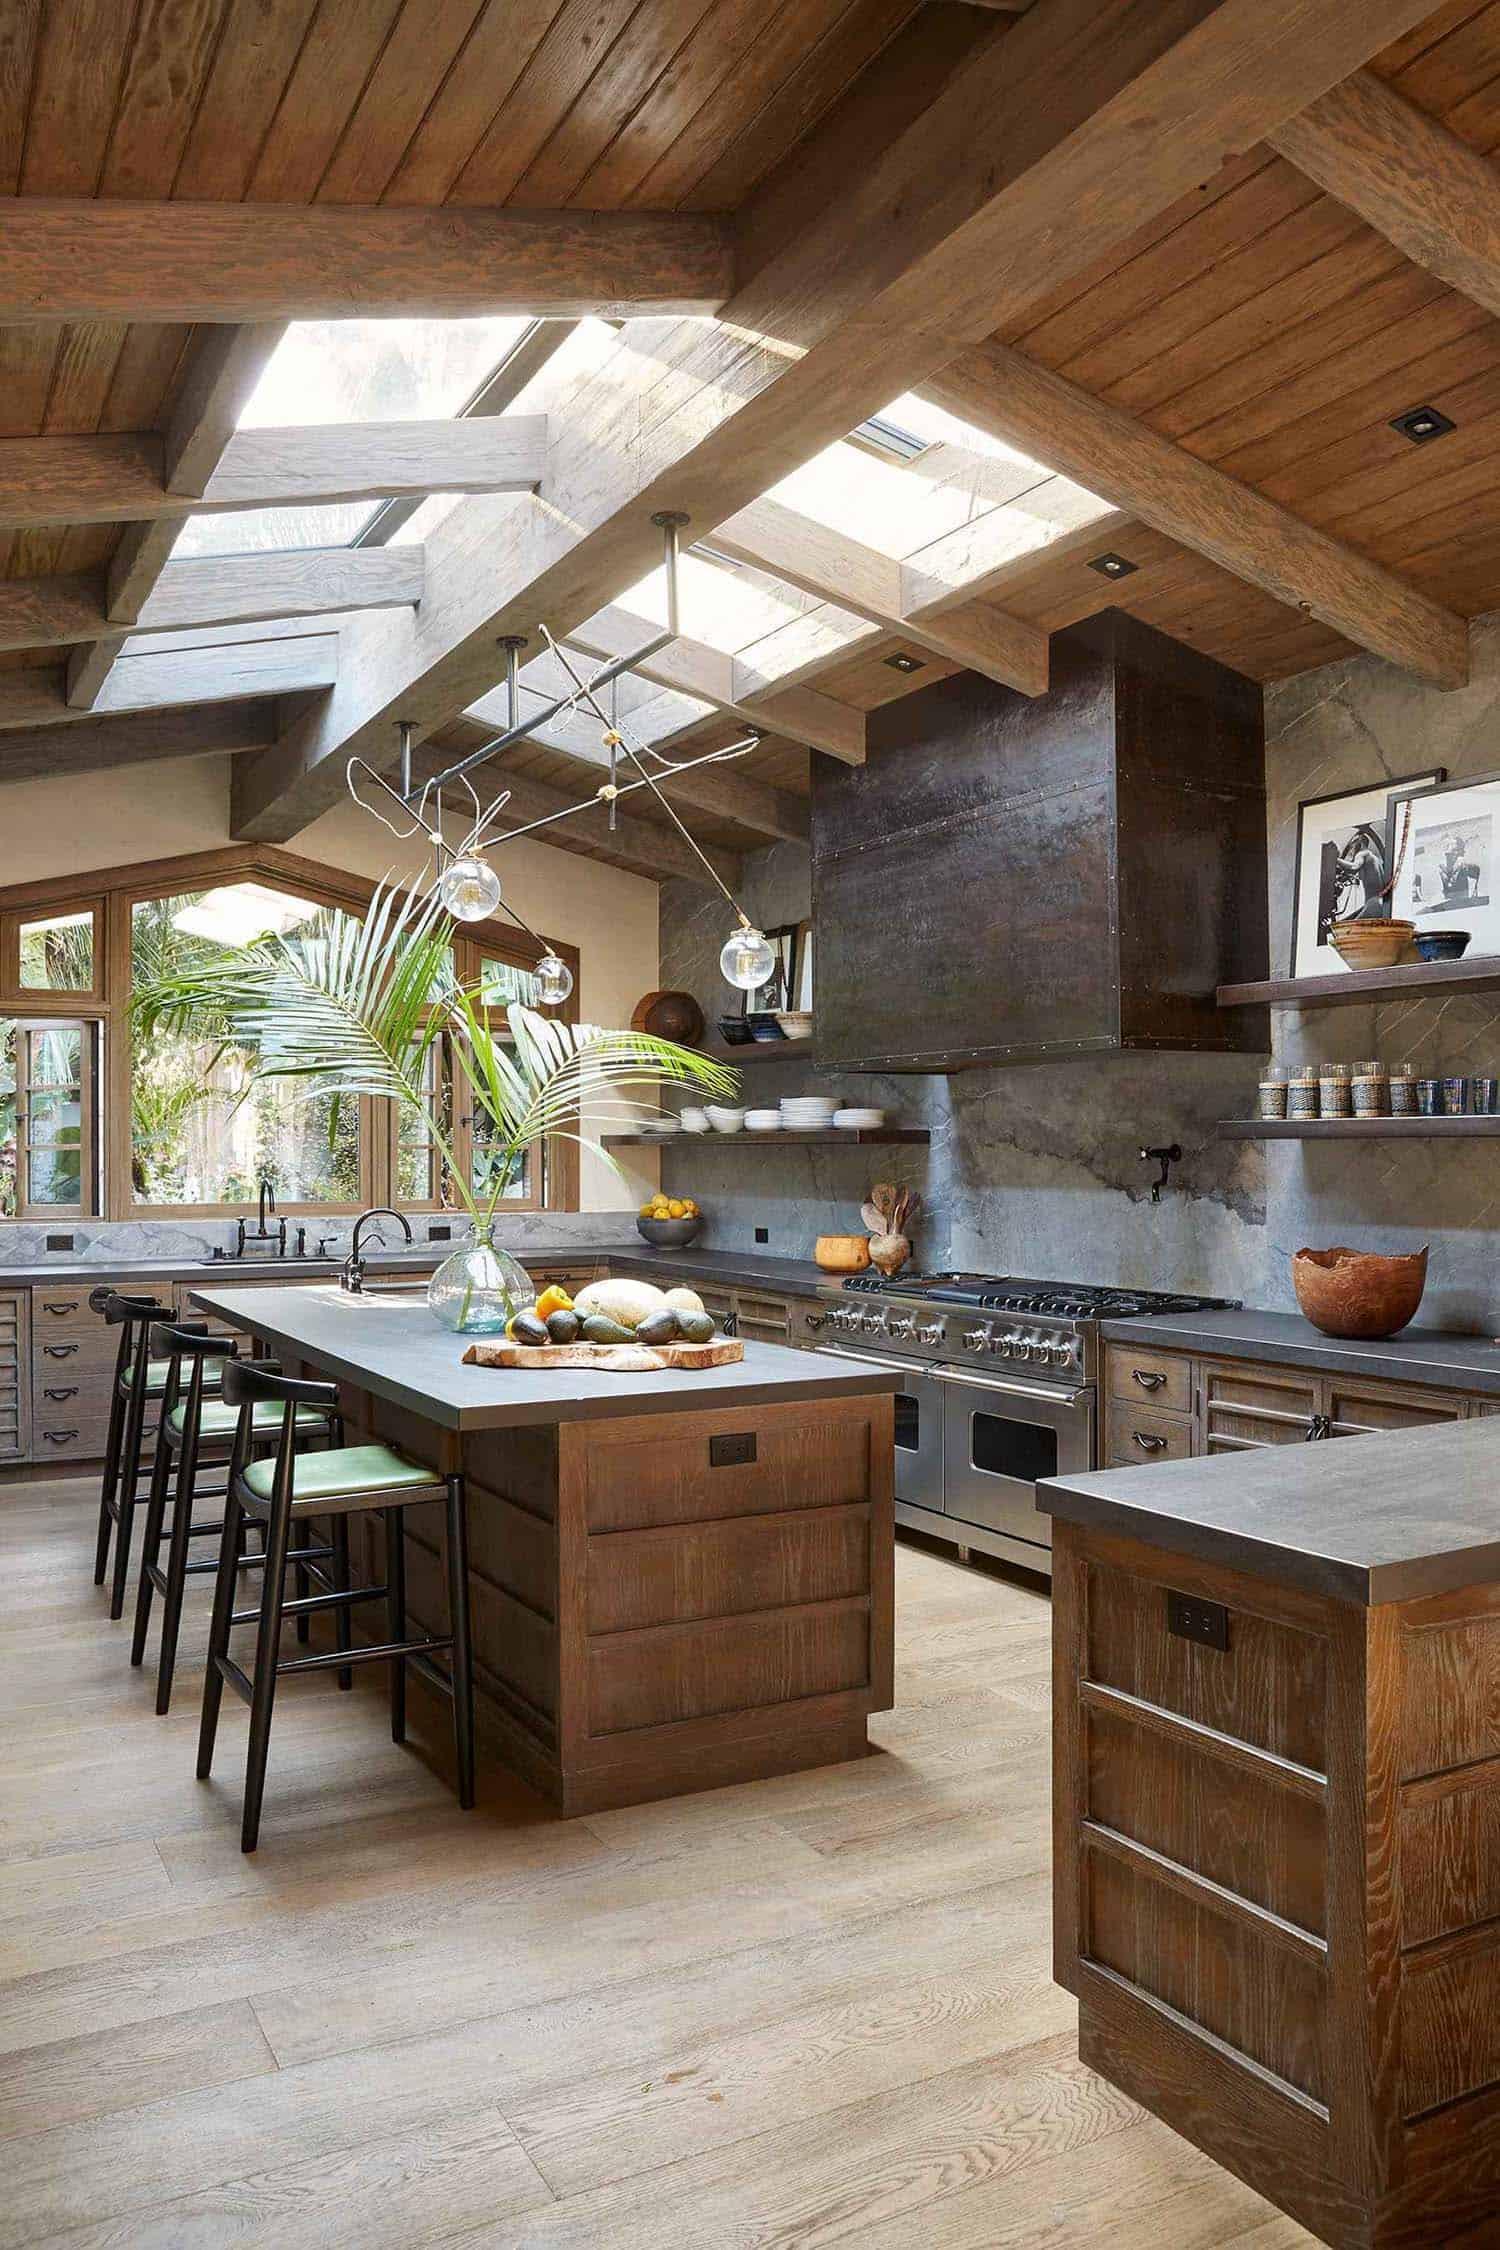 balinese-inspired-kitchen